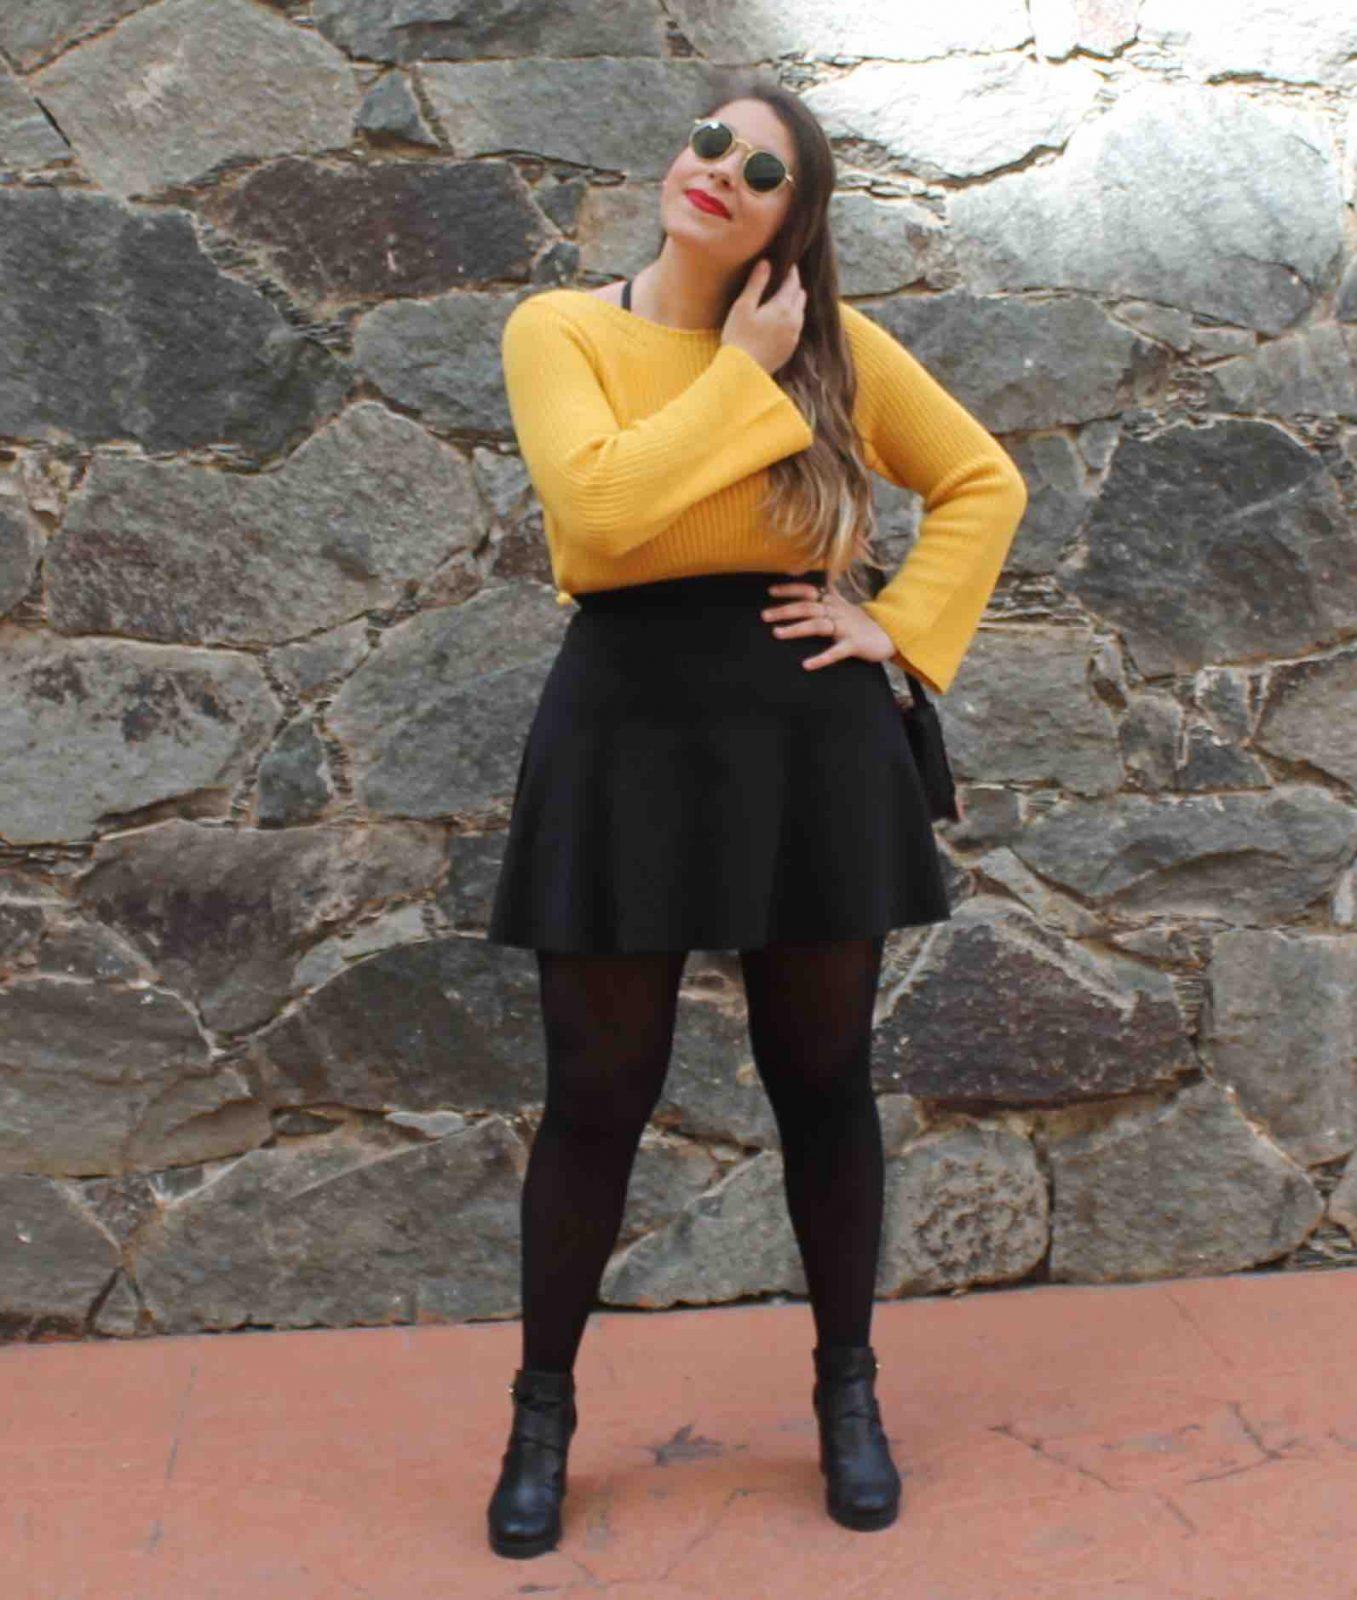 marikowskaya streete style amanda jersey amarillo (4)